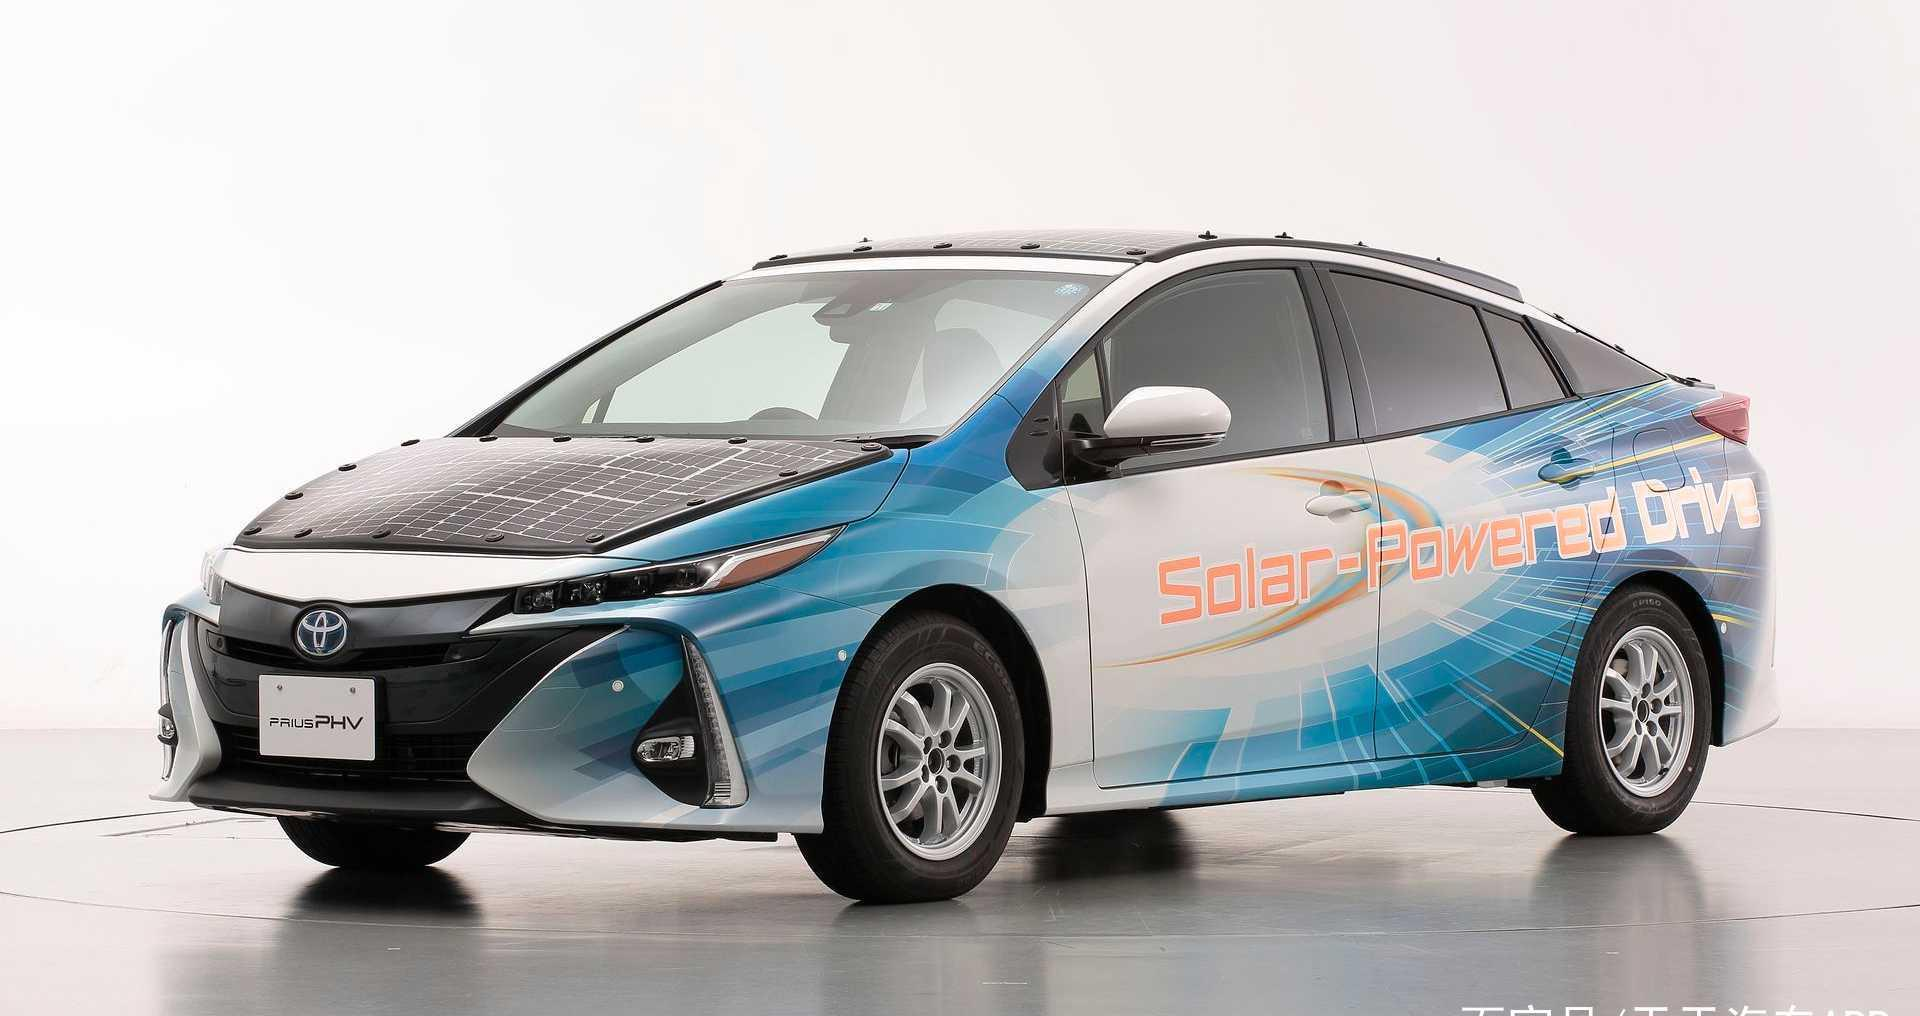 对于太阳能辅助充电这件事,丰田正在用测试车认真评估其可行性